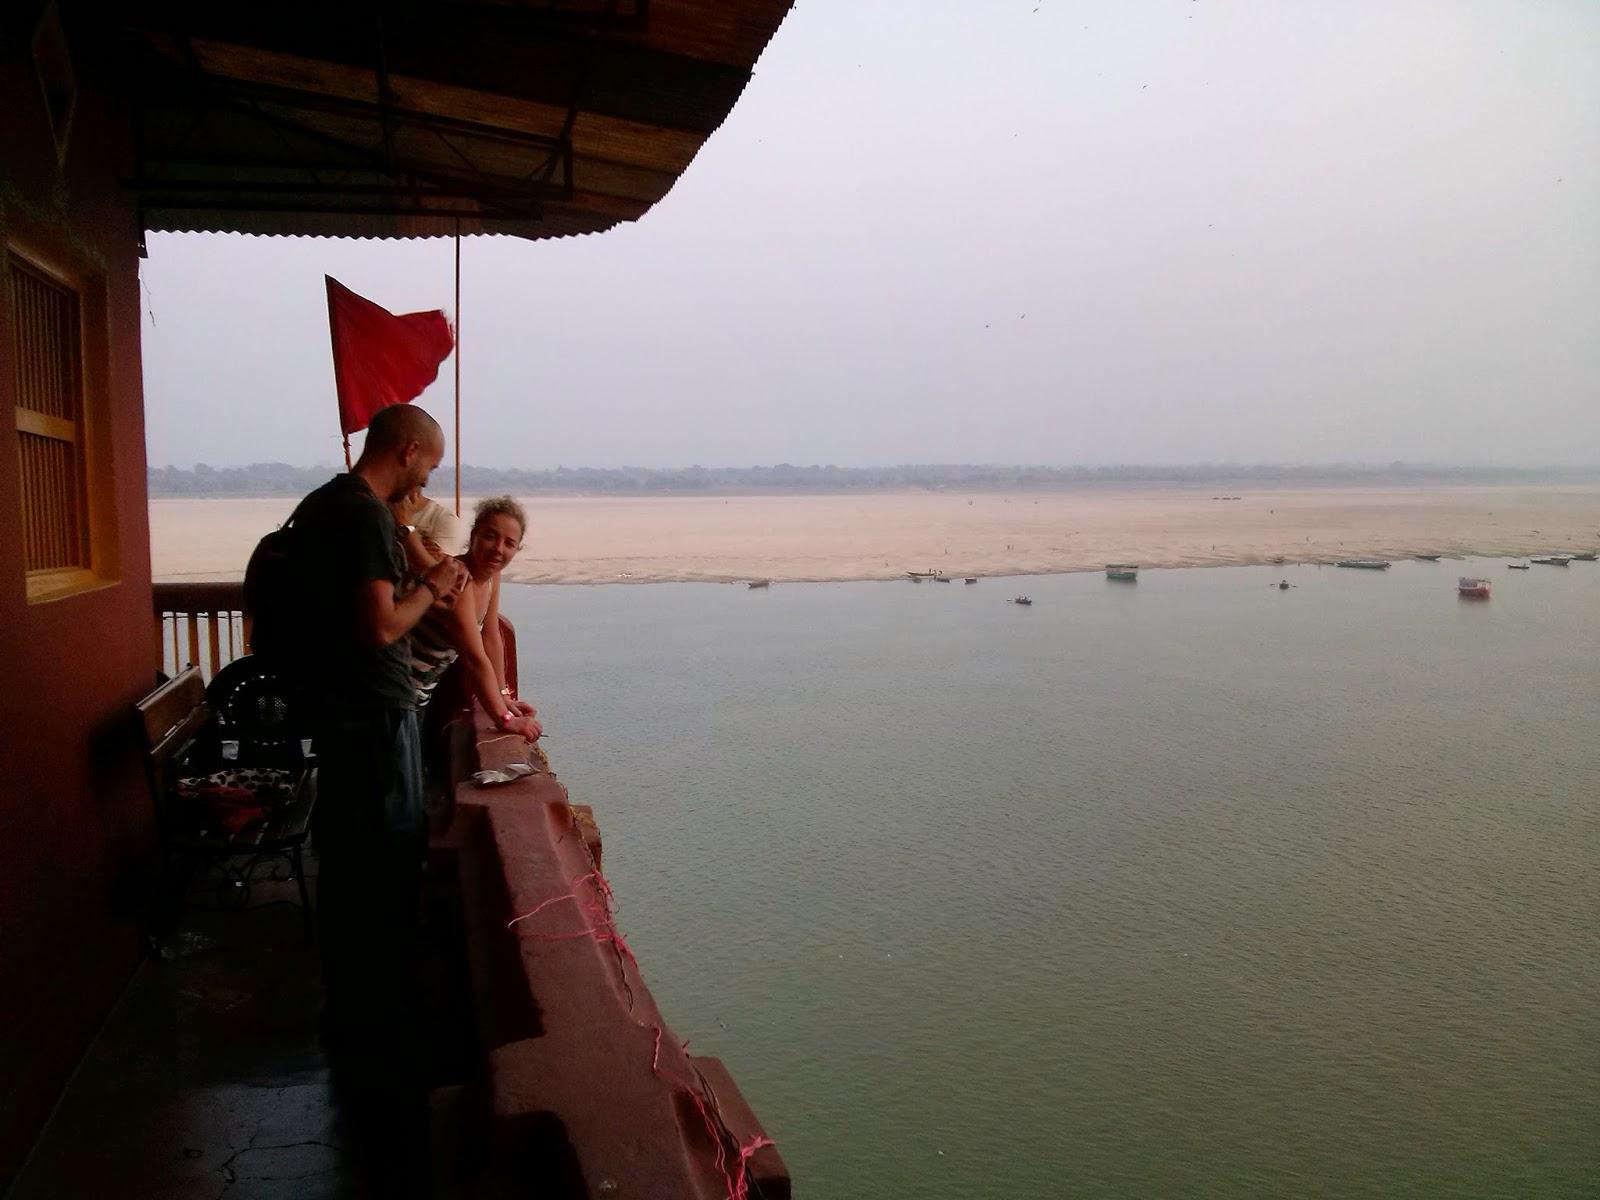 Viaje a India: hotel Ganpati frente al rio Ganges en Varanasi (Benares)